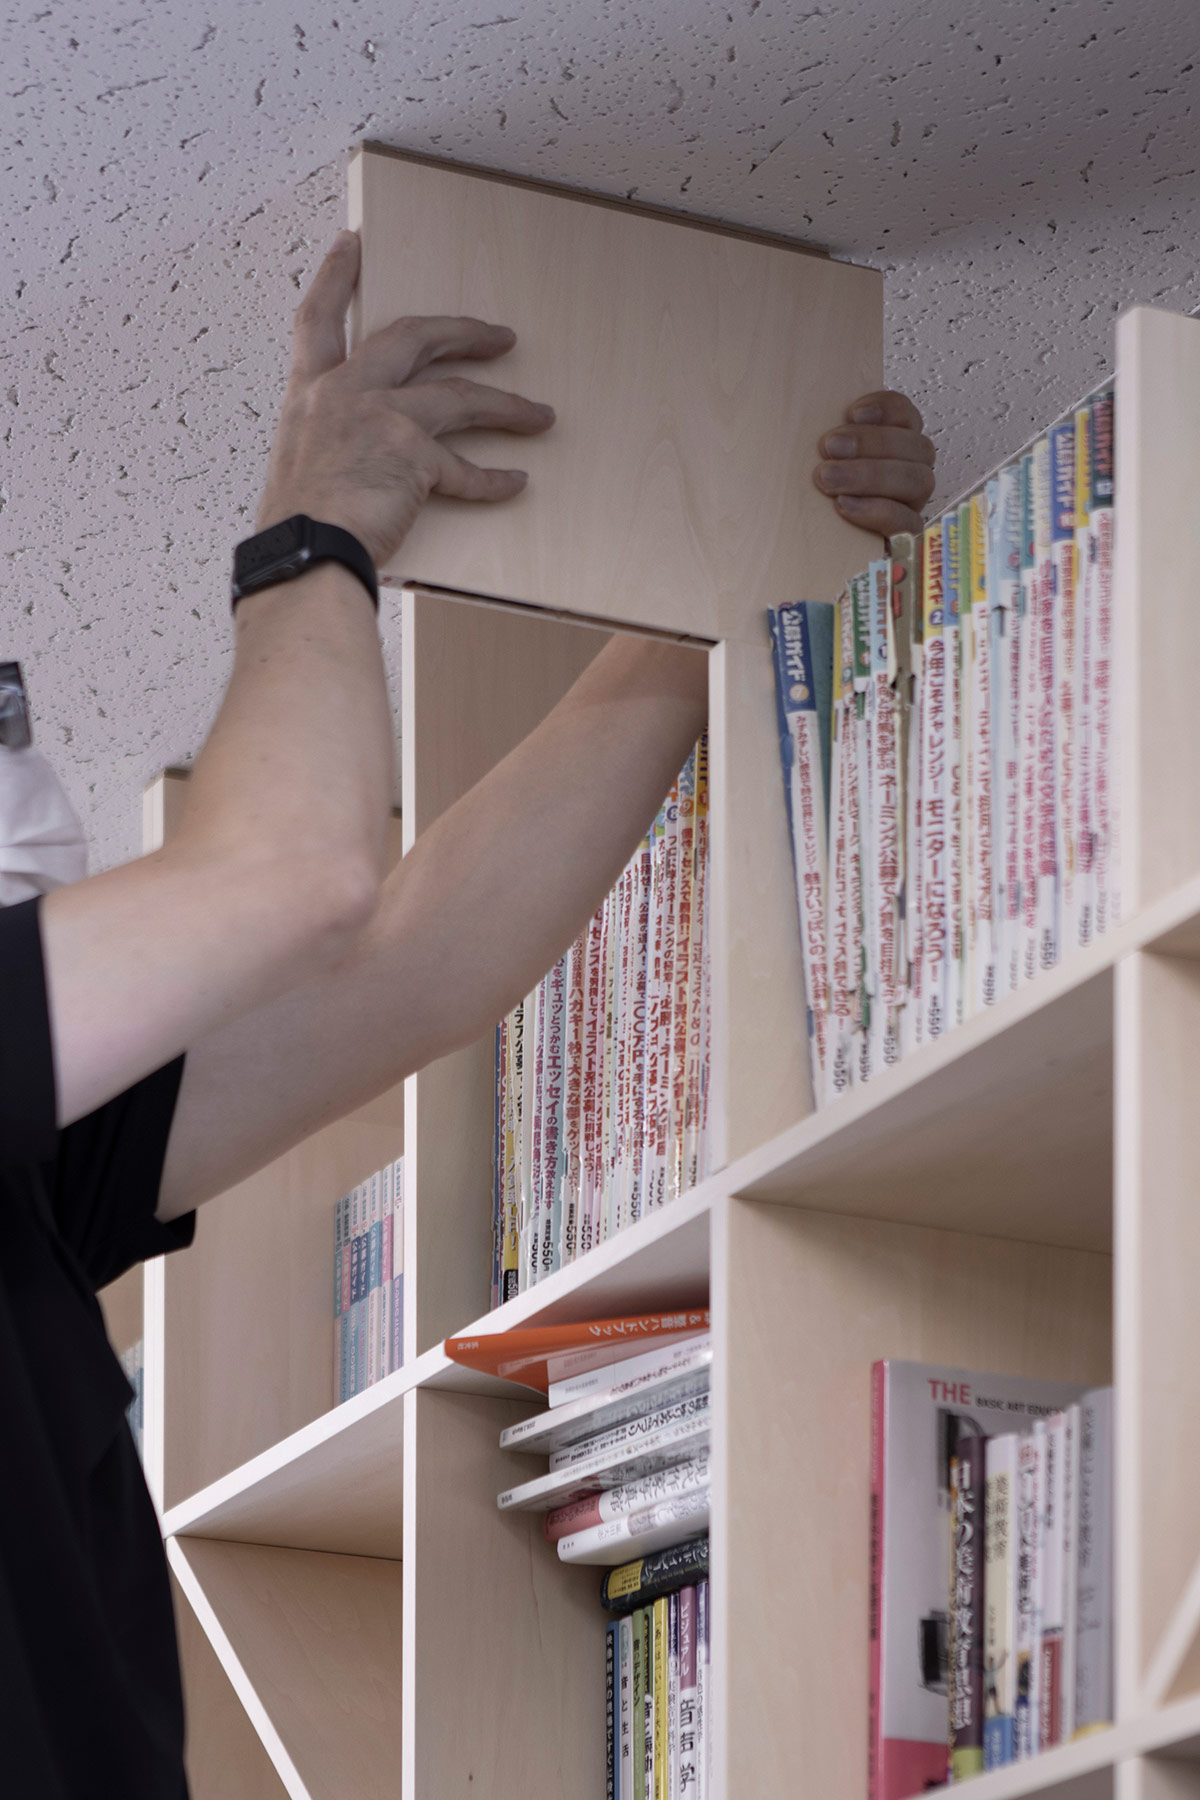 フィラー板による転倒防止 | 壁一面の本棚 奥行350mm / Shelf (No.128) | マルゲリータ使用例 シンプル おしゃれ 部屋 インテリア レイアウト